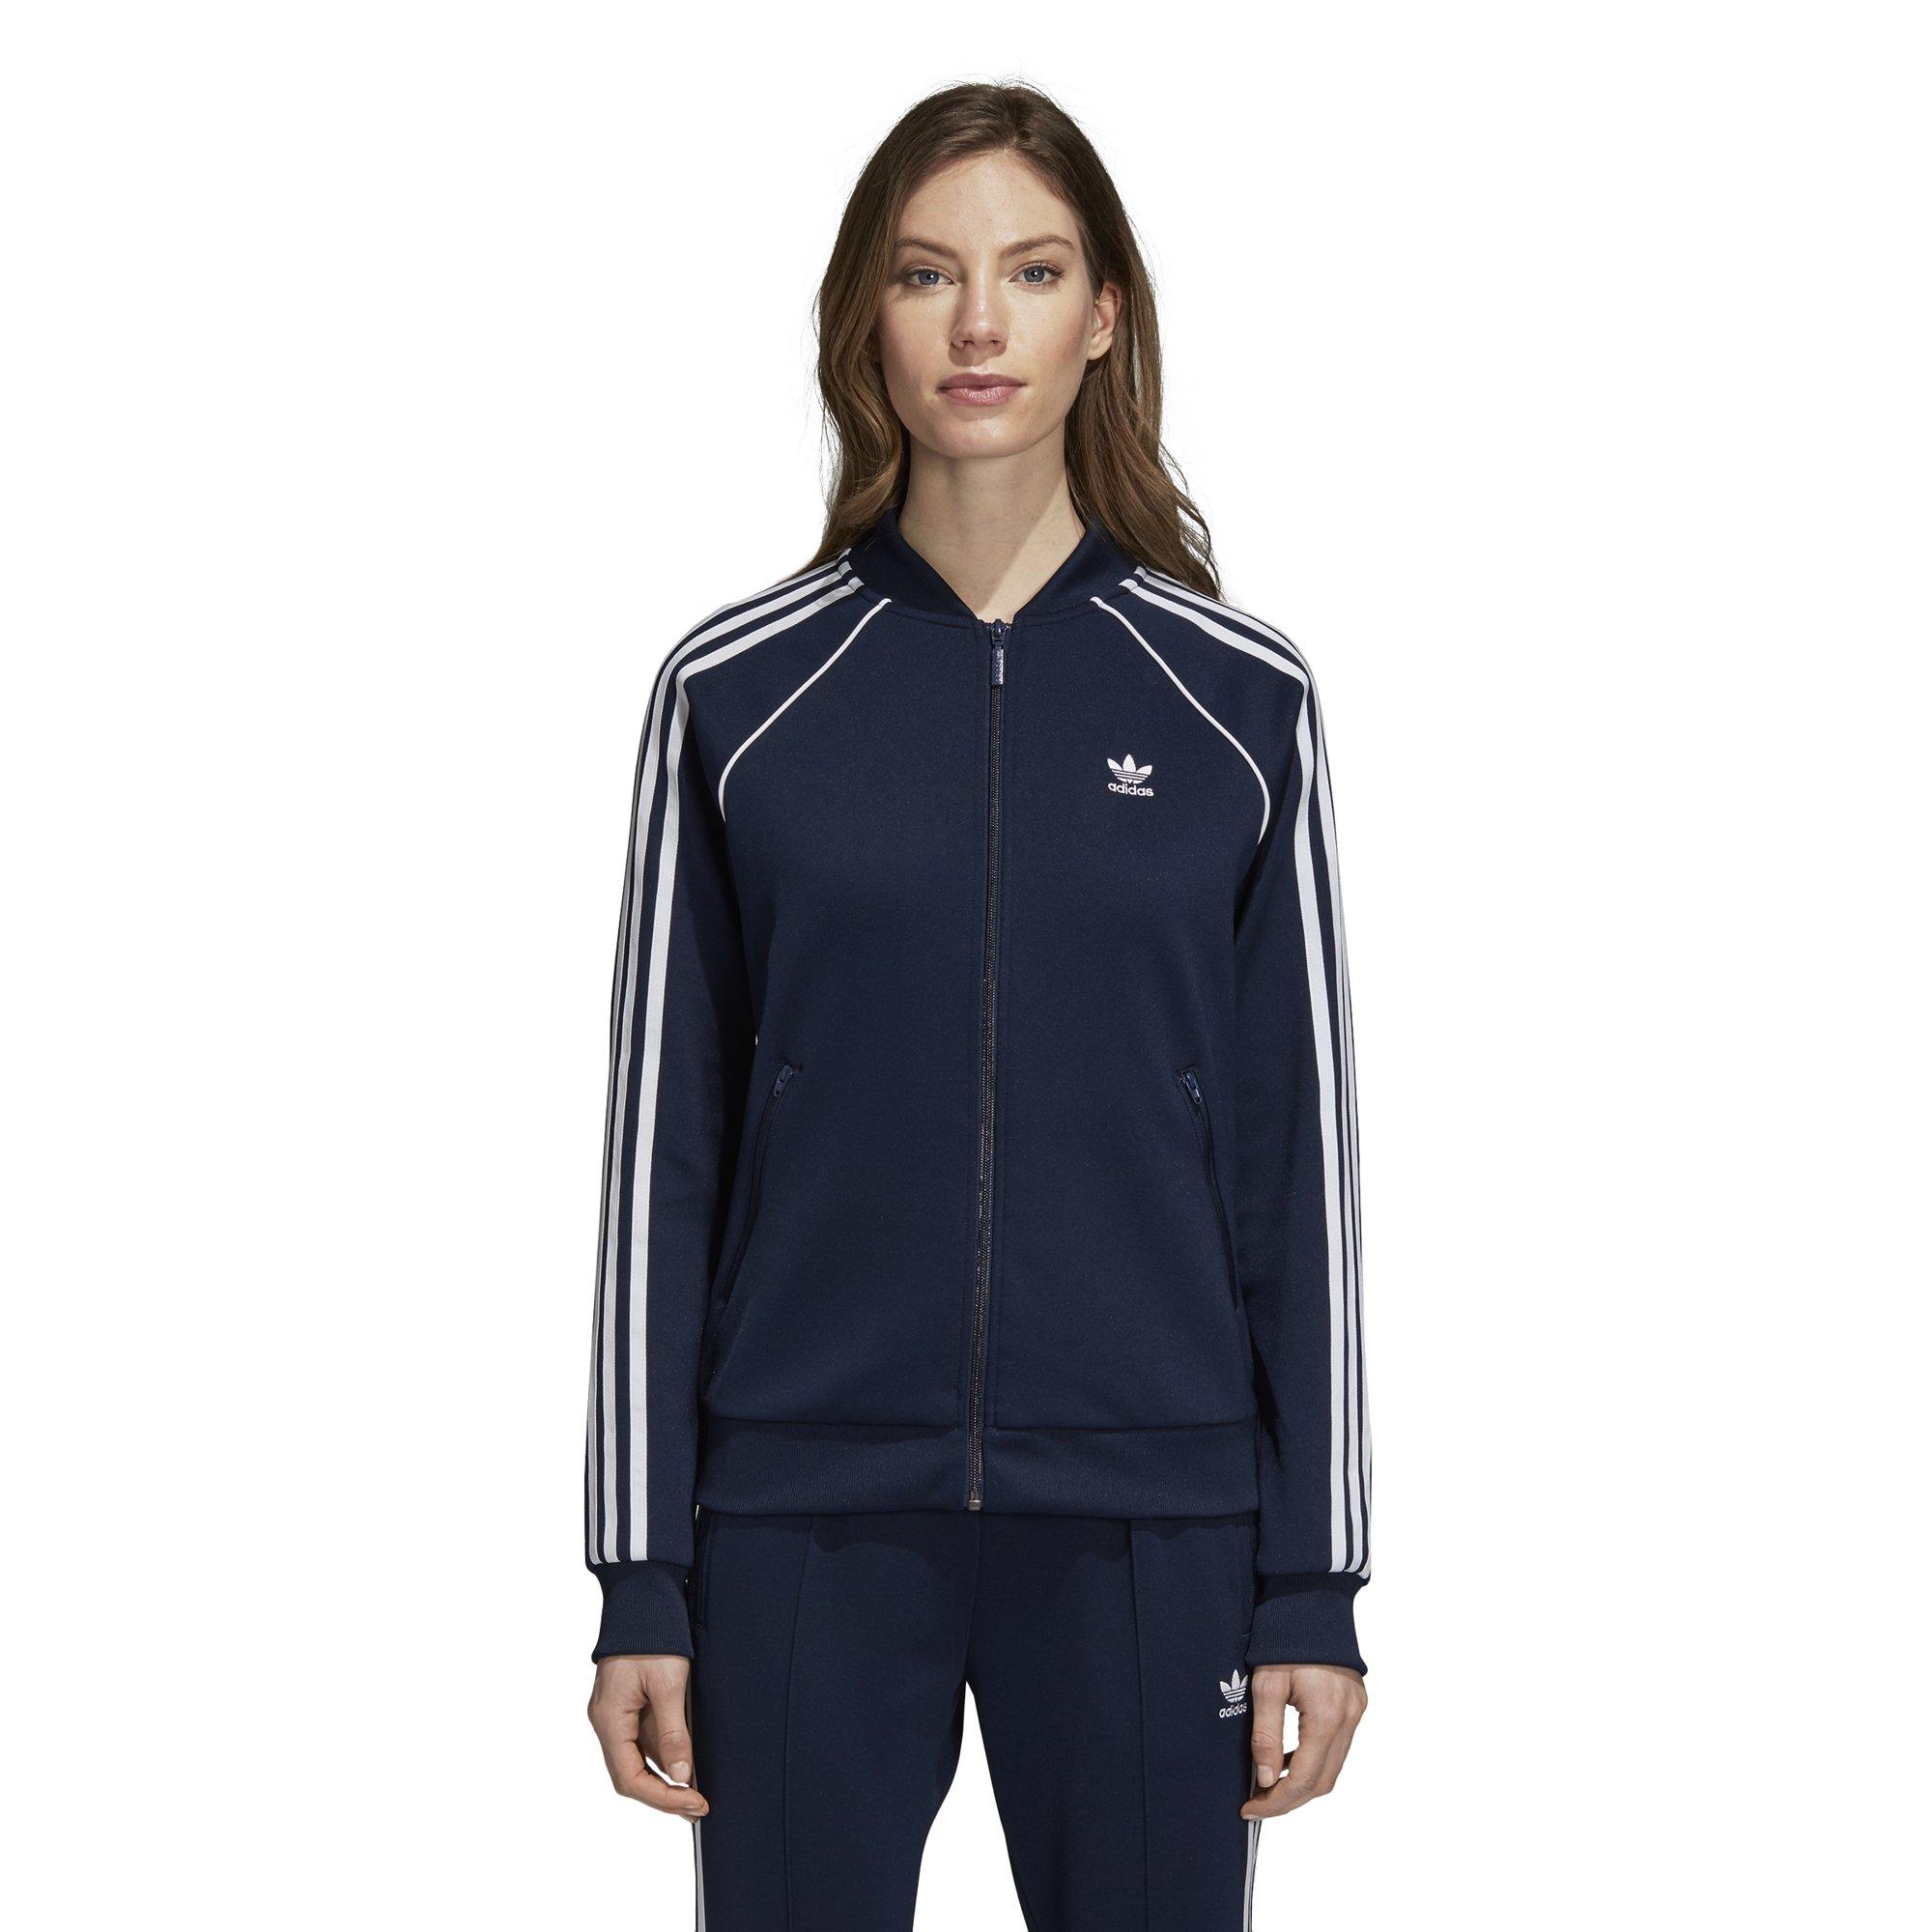 7464ba351 adidas Originals Women's Superstar Tracktop, Collegiate Navy, XS